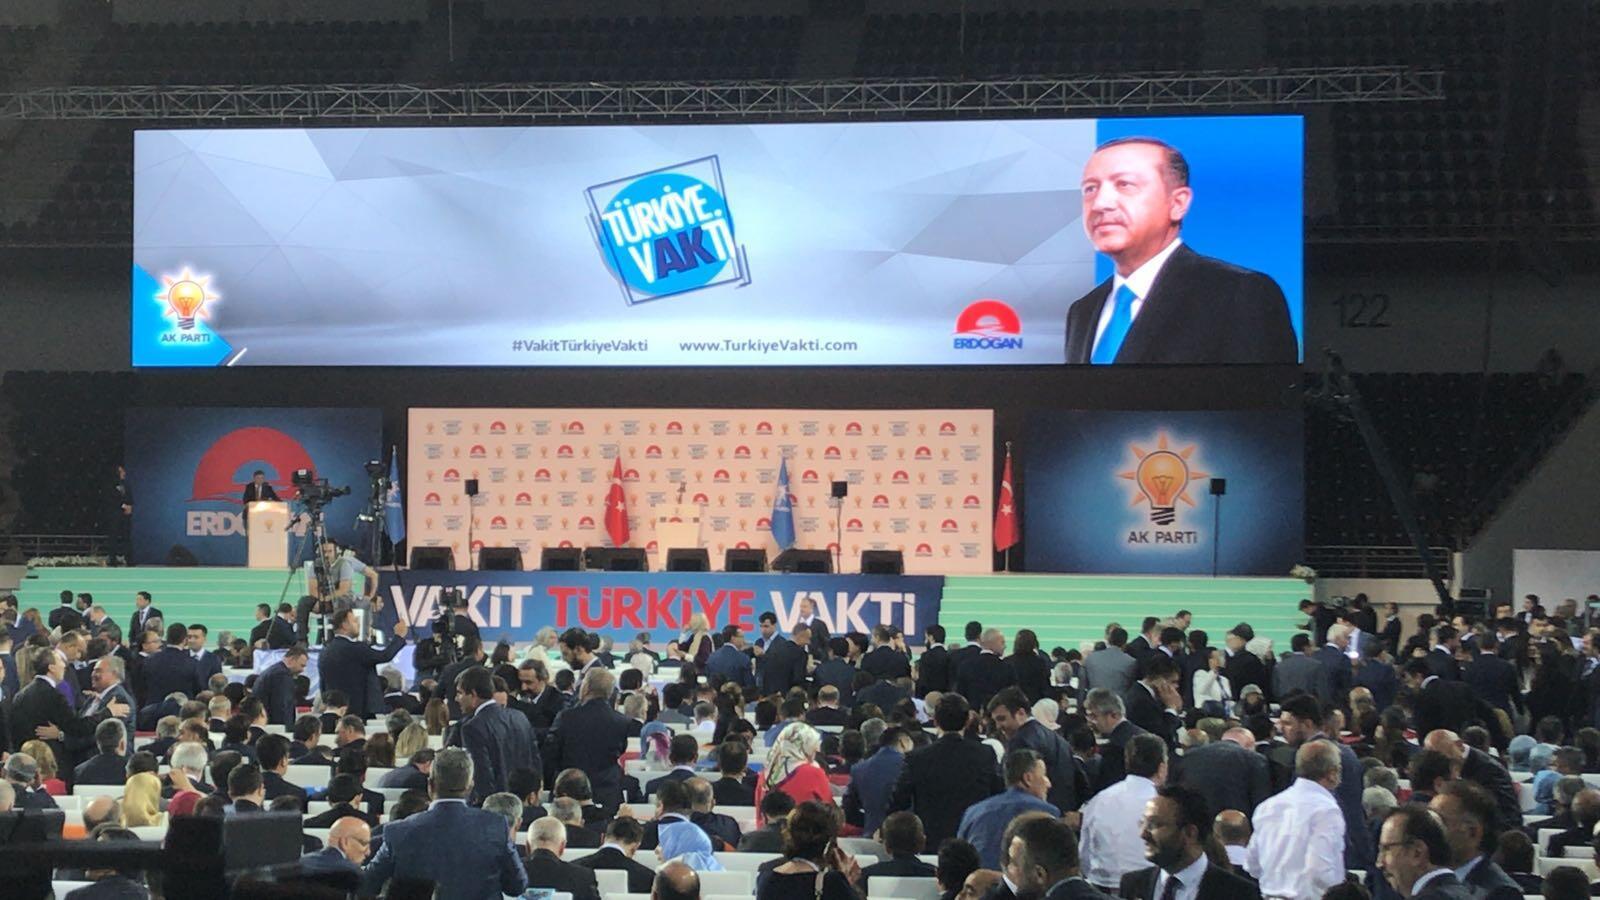 """-Ankara Spor Salonu'na """"Vakit Türkiye vakti"""", """"Güçlü Meclis, güçlü hükümet,"""